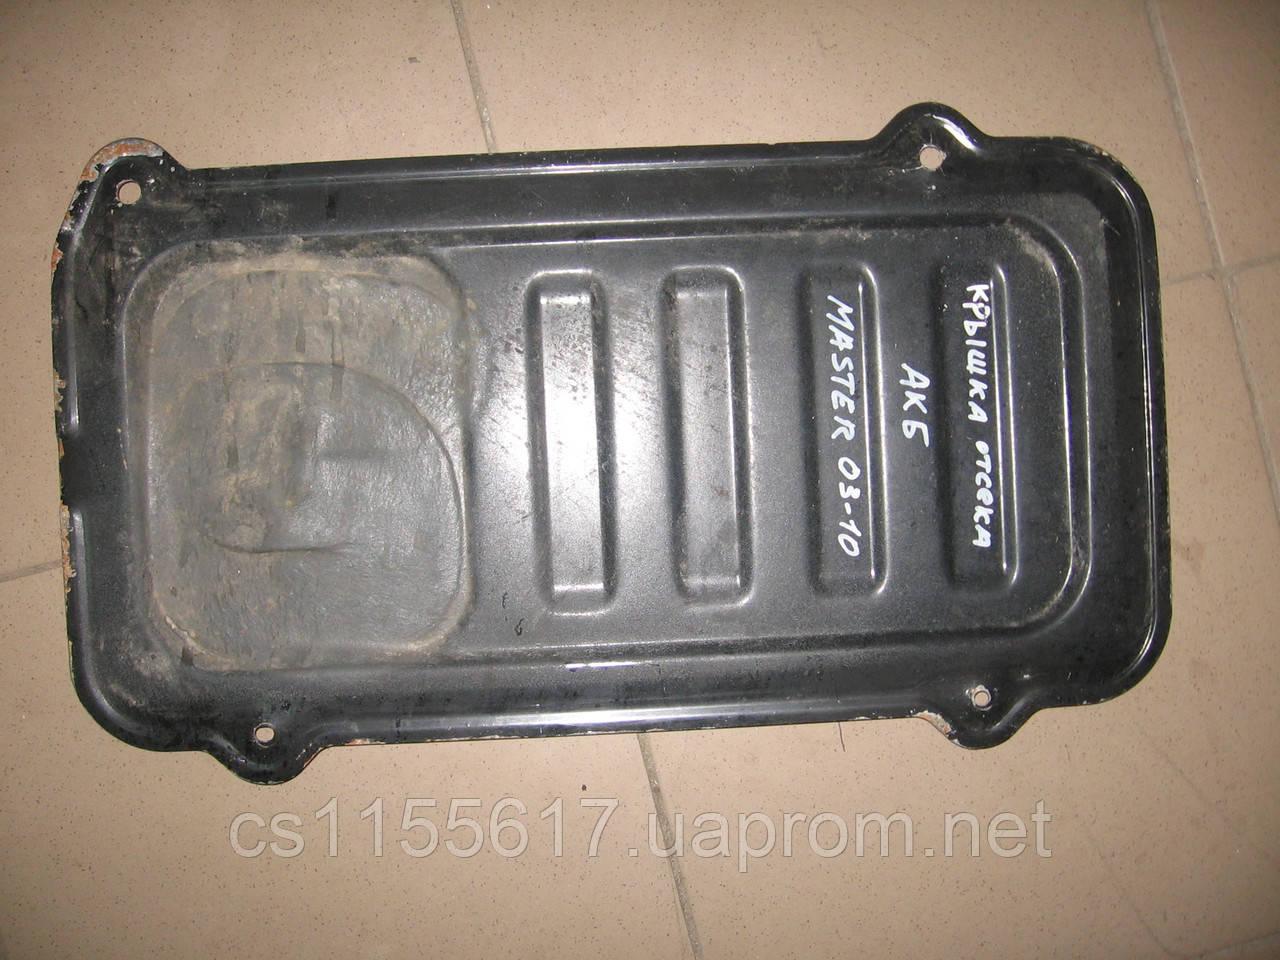 Крышка полки аккумулятора 7782189039 б/у на Renault Master, Opel Movano, Nissan Interstar год 1998-2010